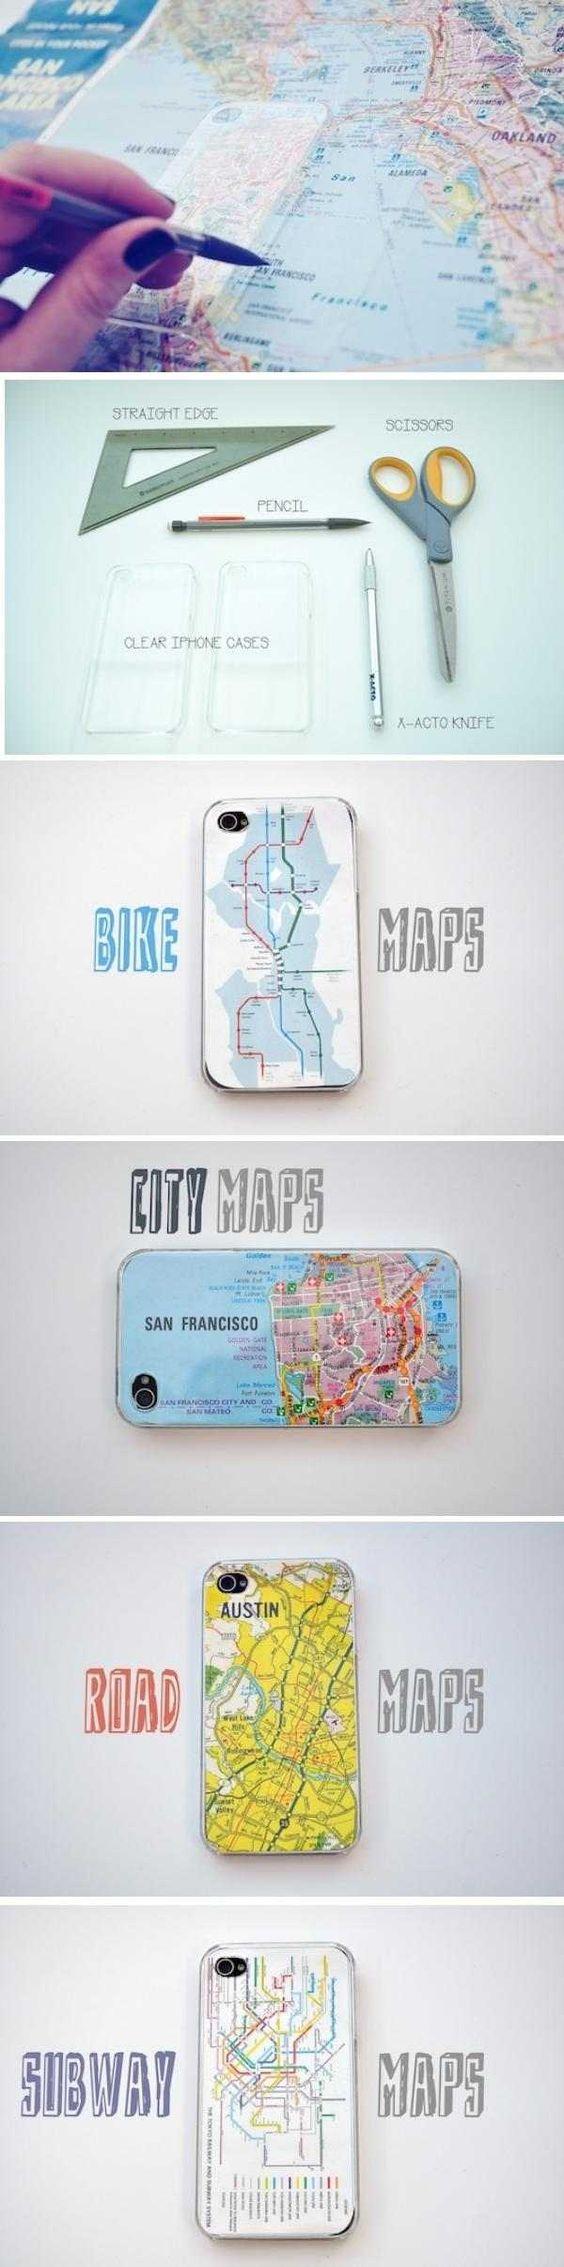 iphone case individualisieren-praktische ideen zum nachbasteln